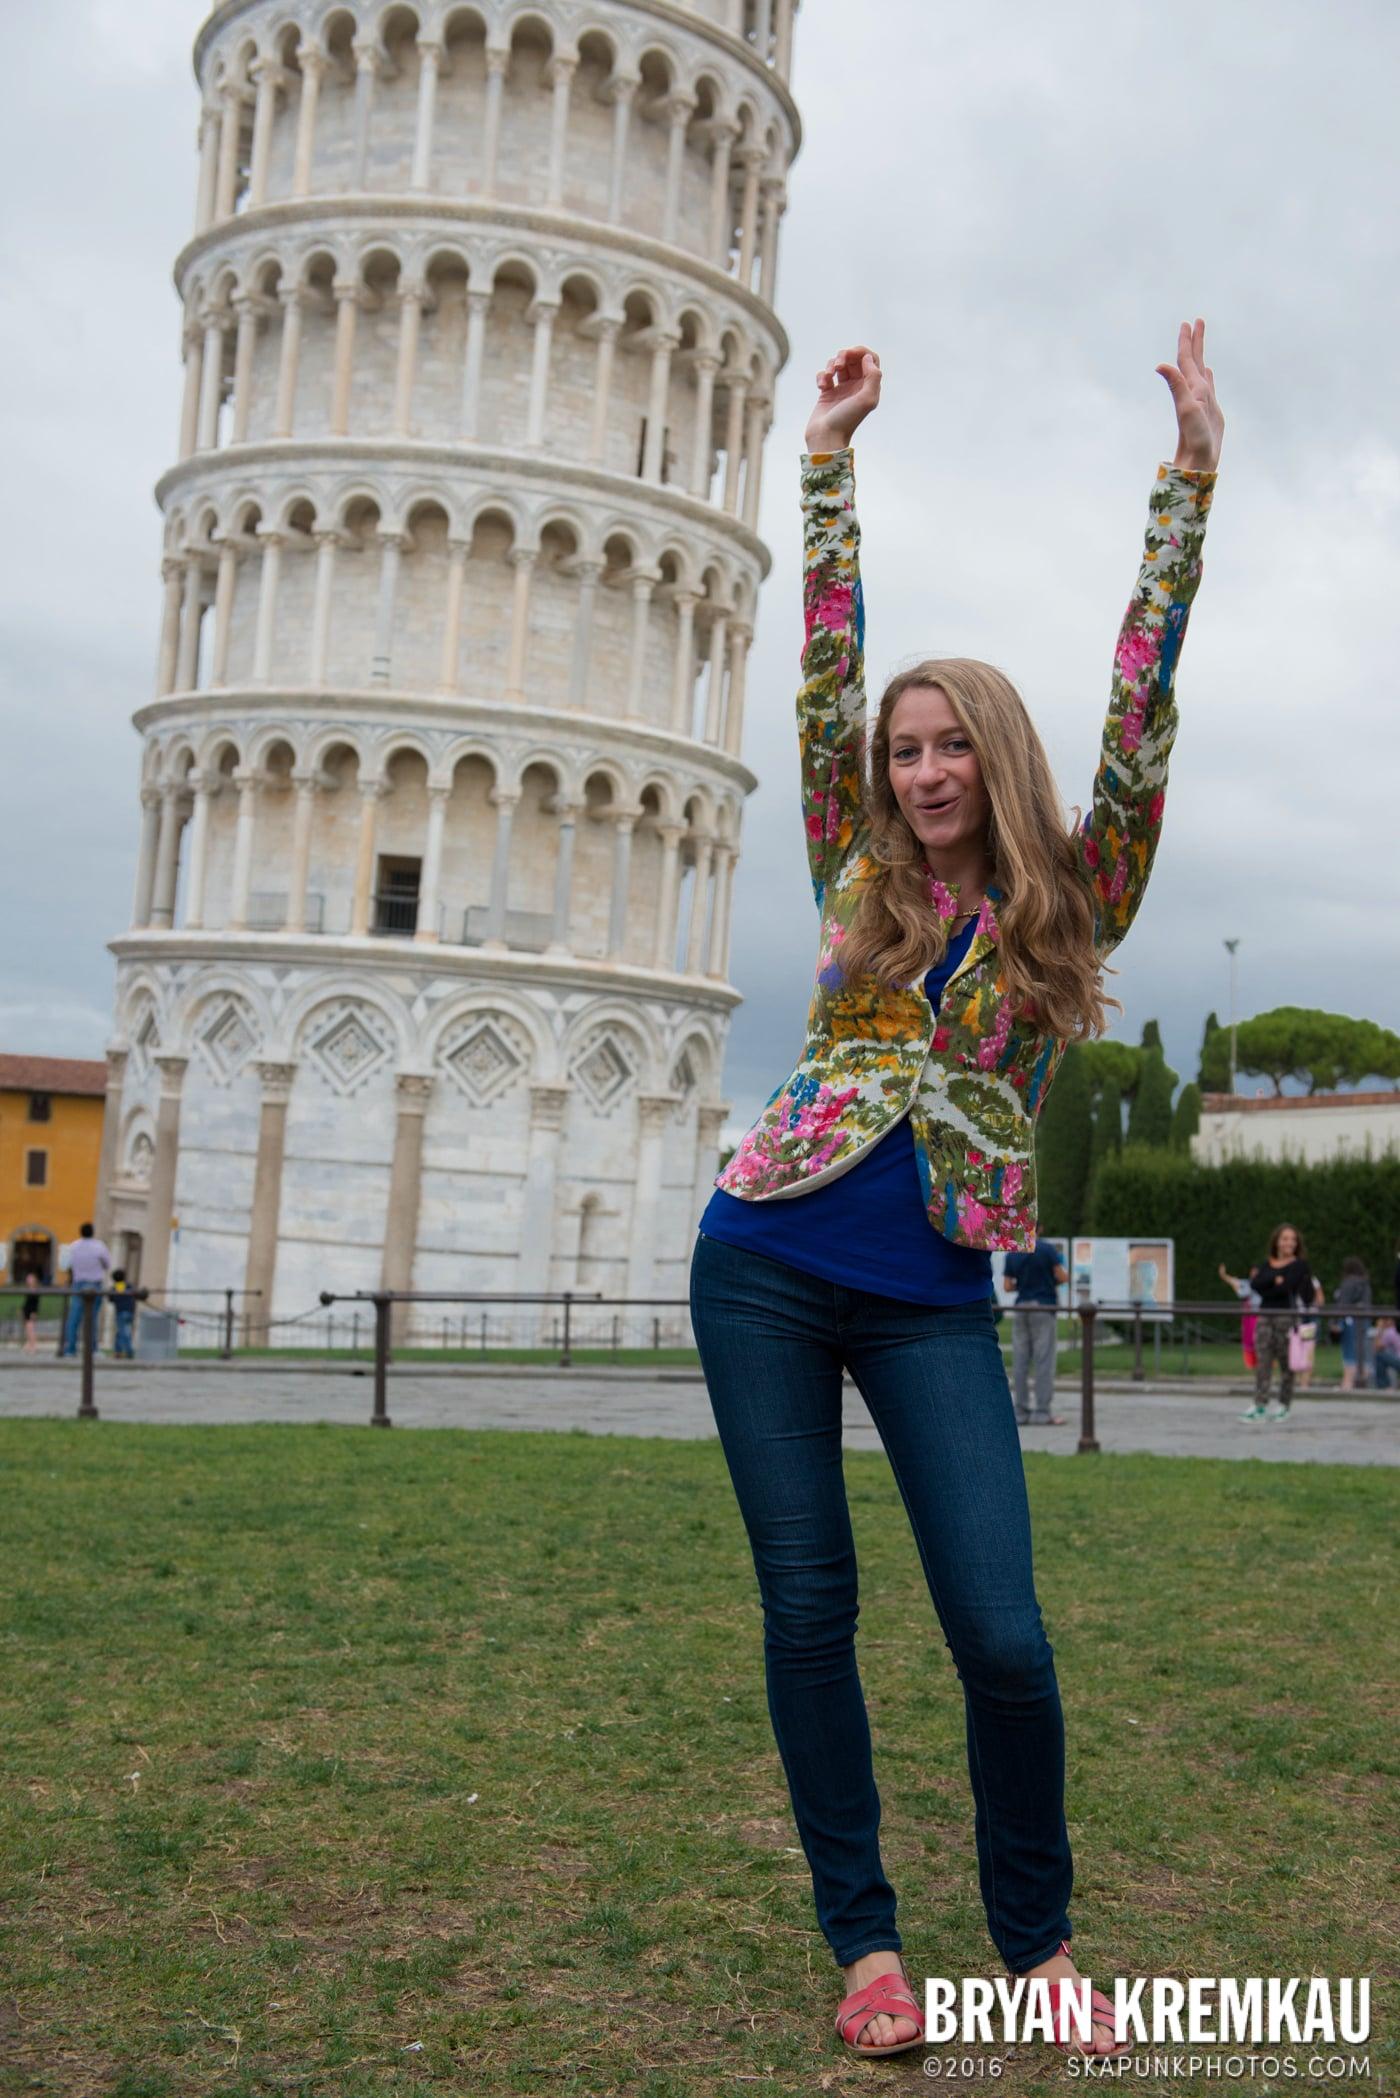 Italy Vacation - Day 8: Siena, San Gimignano, Chianti, Pisa - 9.16.13 (18)